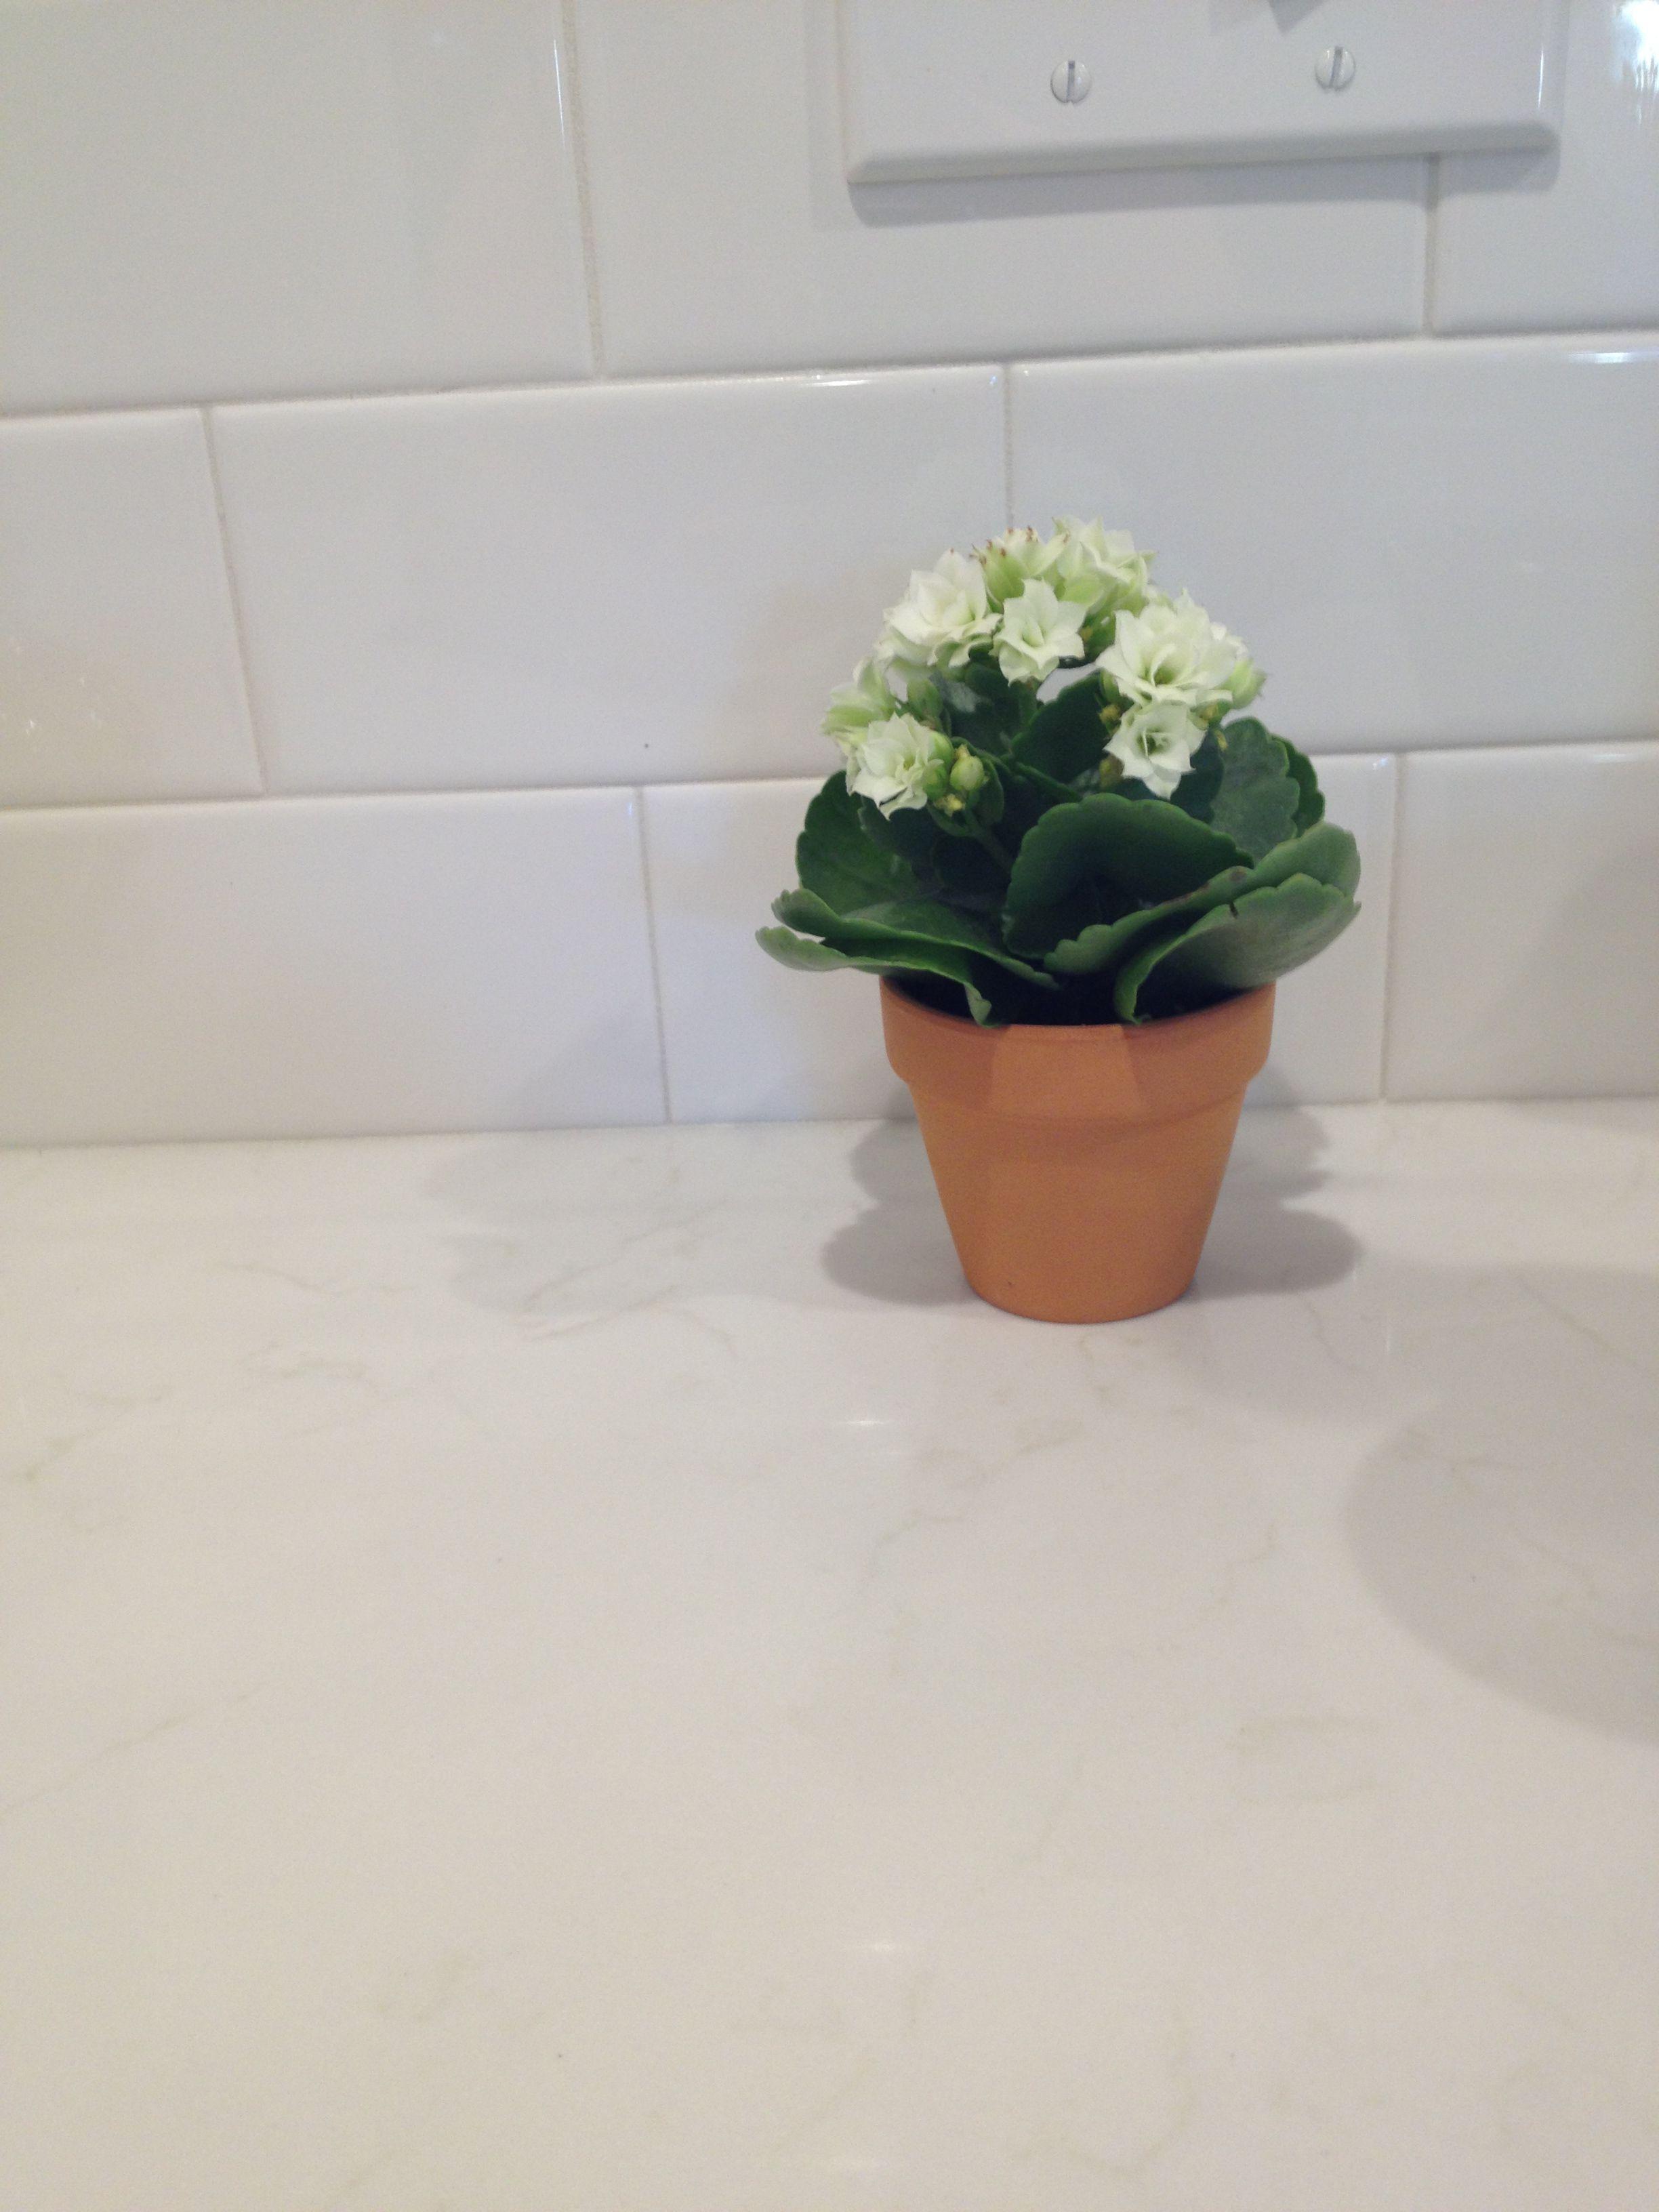 Pental quartz lattice | White kitchens | Pinterest | Kitchens and ...